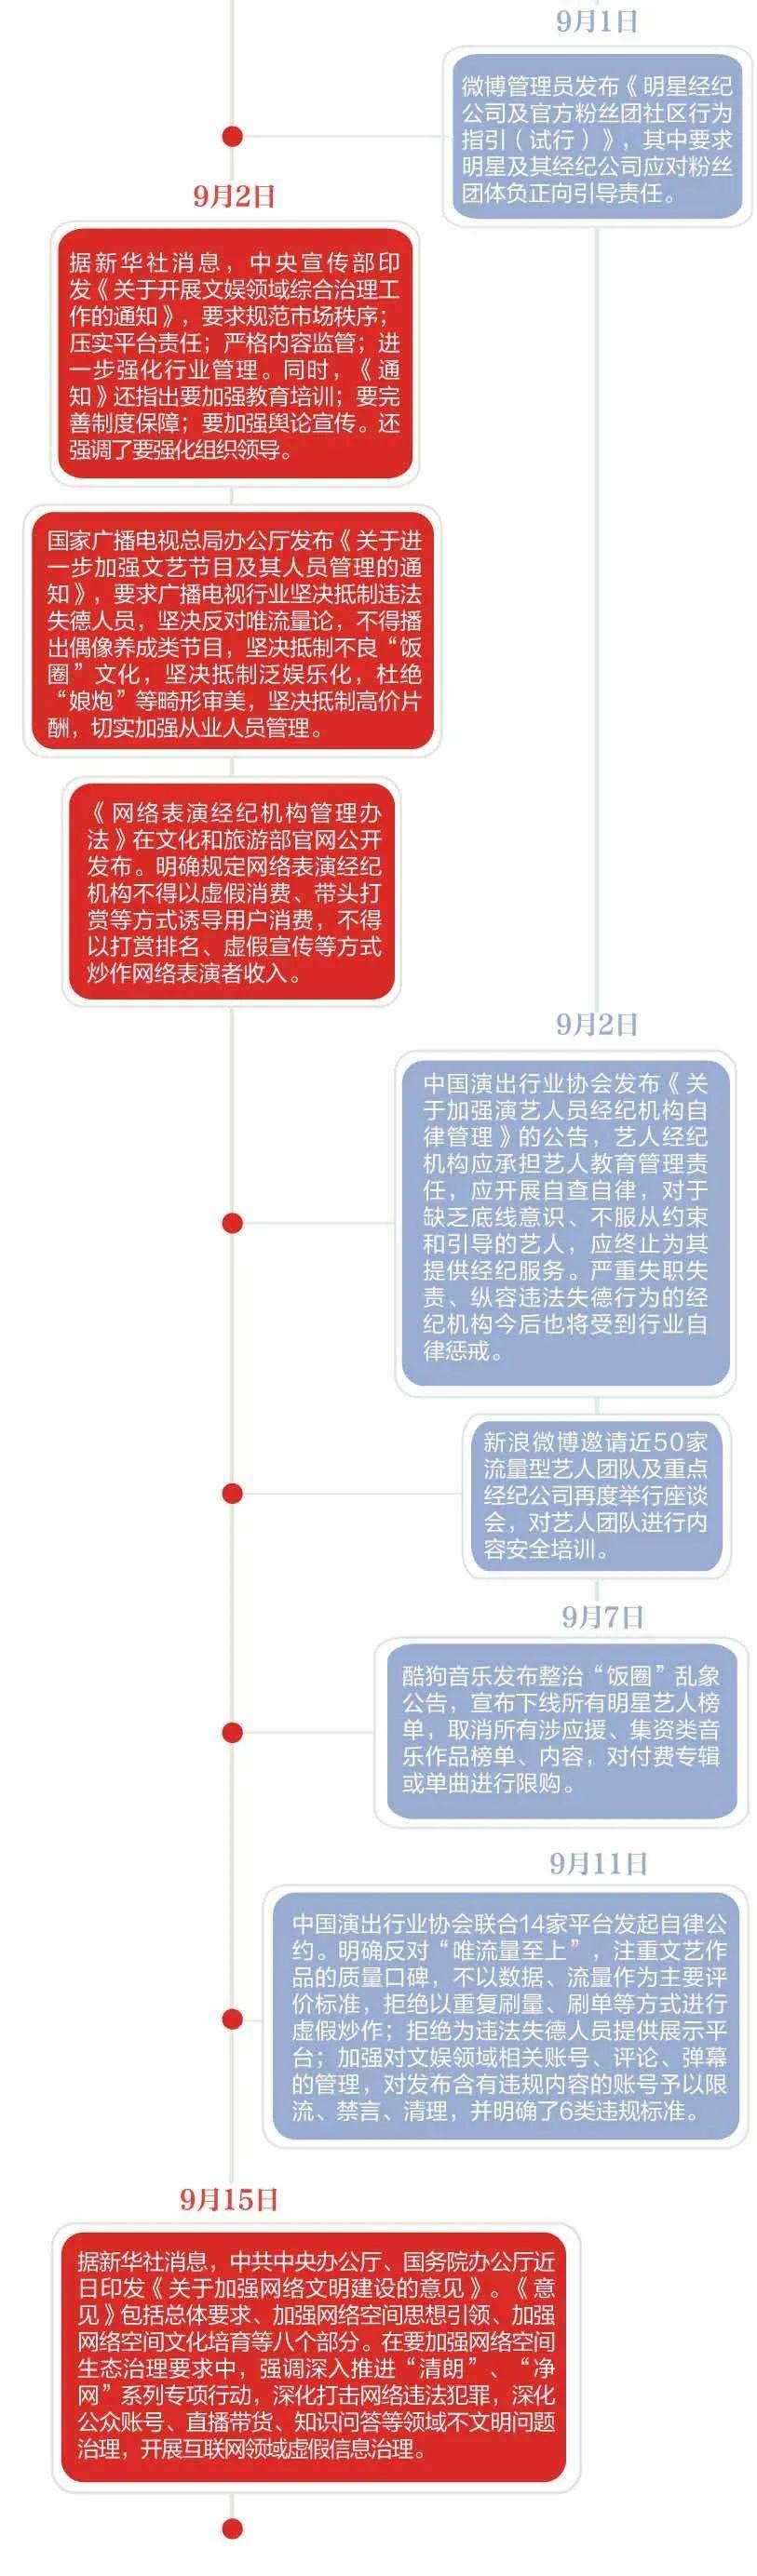 """饭圈""""清朗""""近百日,粉丝们:轻松也解脱丨调查"""